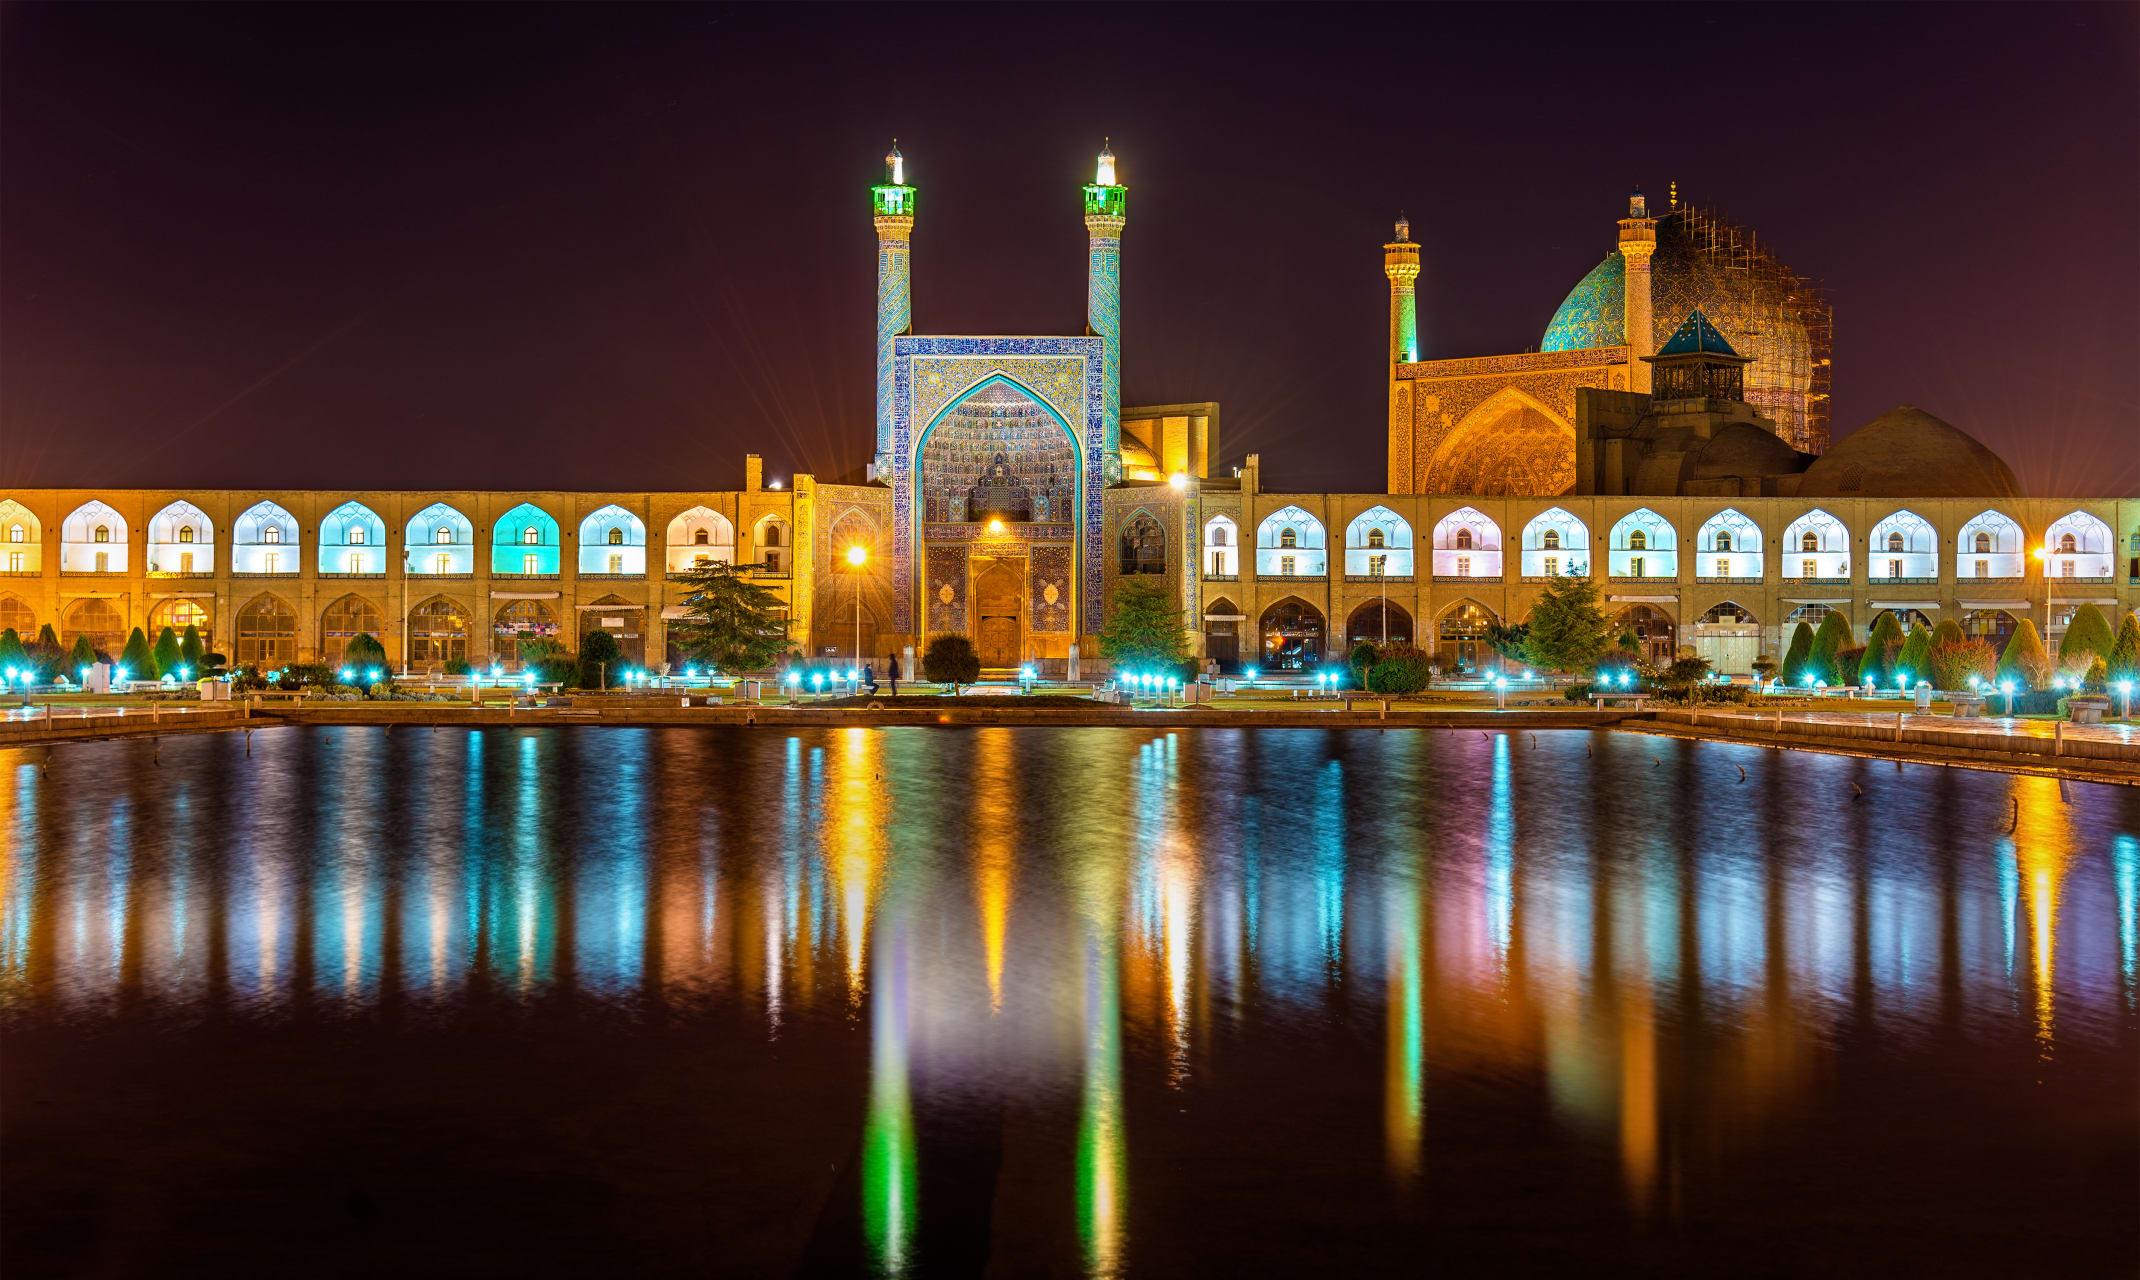 Ispahan - Royal Square at Night: Naqshe Jahan Square, UNESCO Heritage